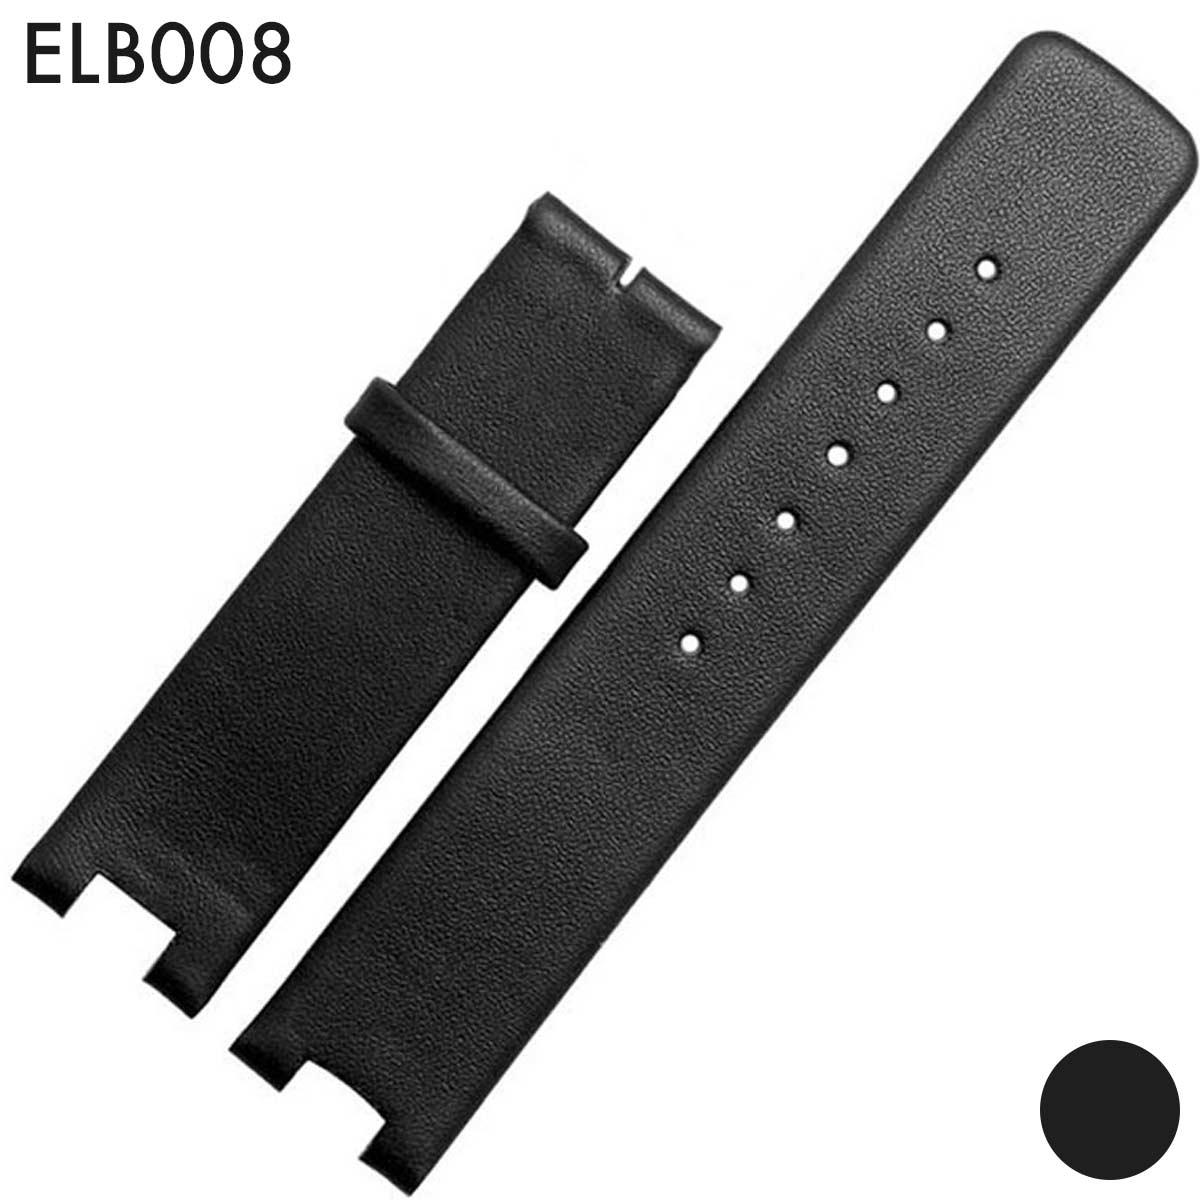 腕時計用アクセサリー, 腕時計用ベルト・バンド  20mm : Calvin Klein () Eight - ELB008